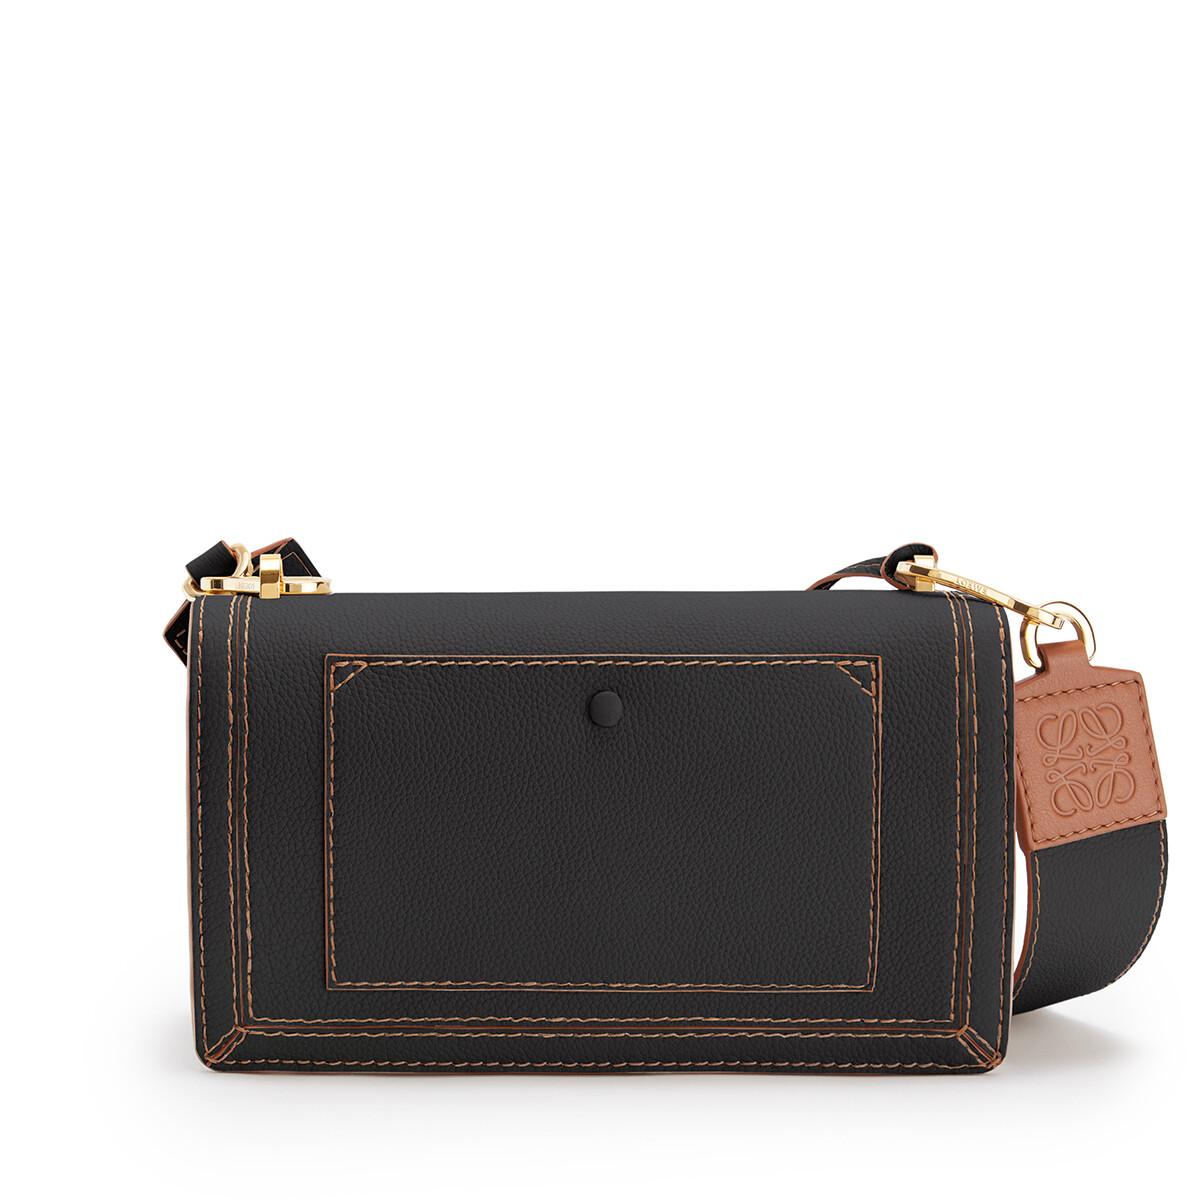 LOEWE Barcelona Soft Bag Black front